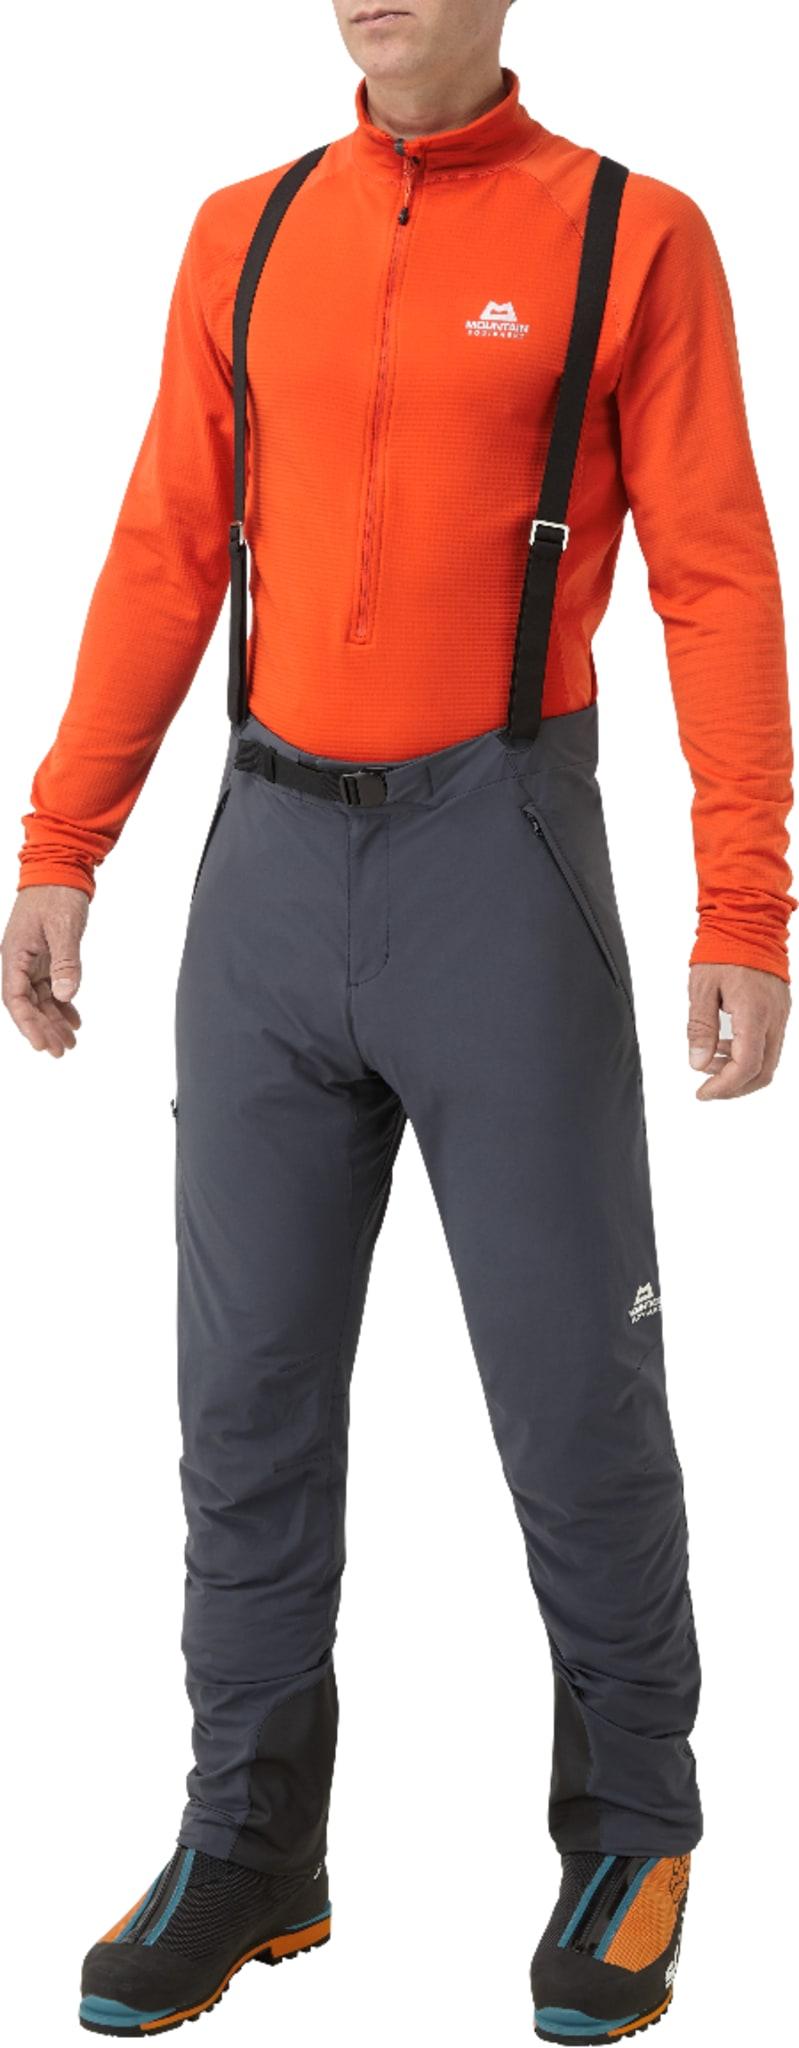 Softshellbukse med avtagbare bukseseler til bruk i høyfjellet